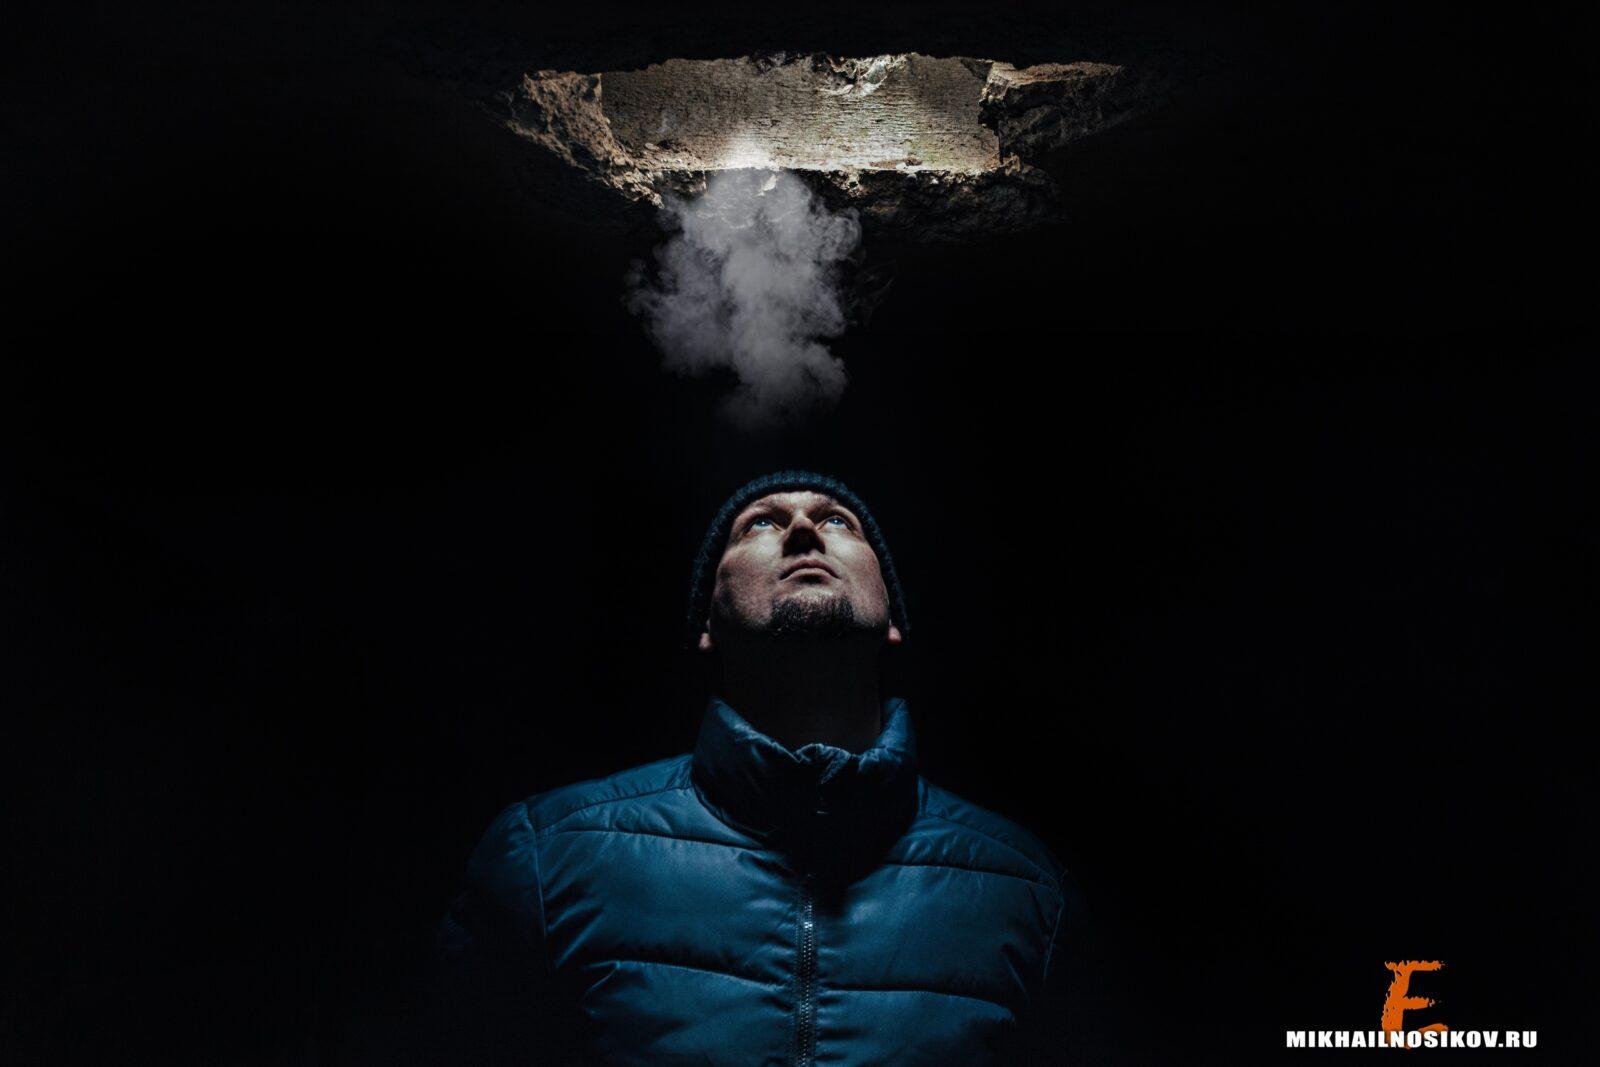 Фотограф Михаил Носиков